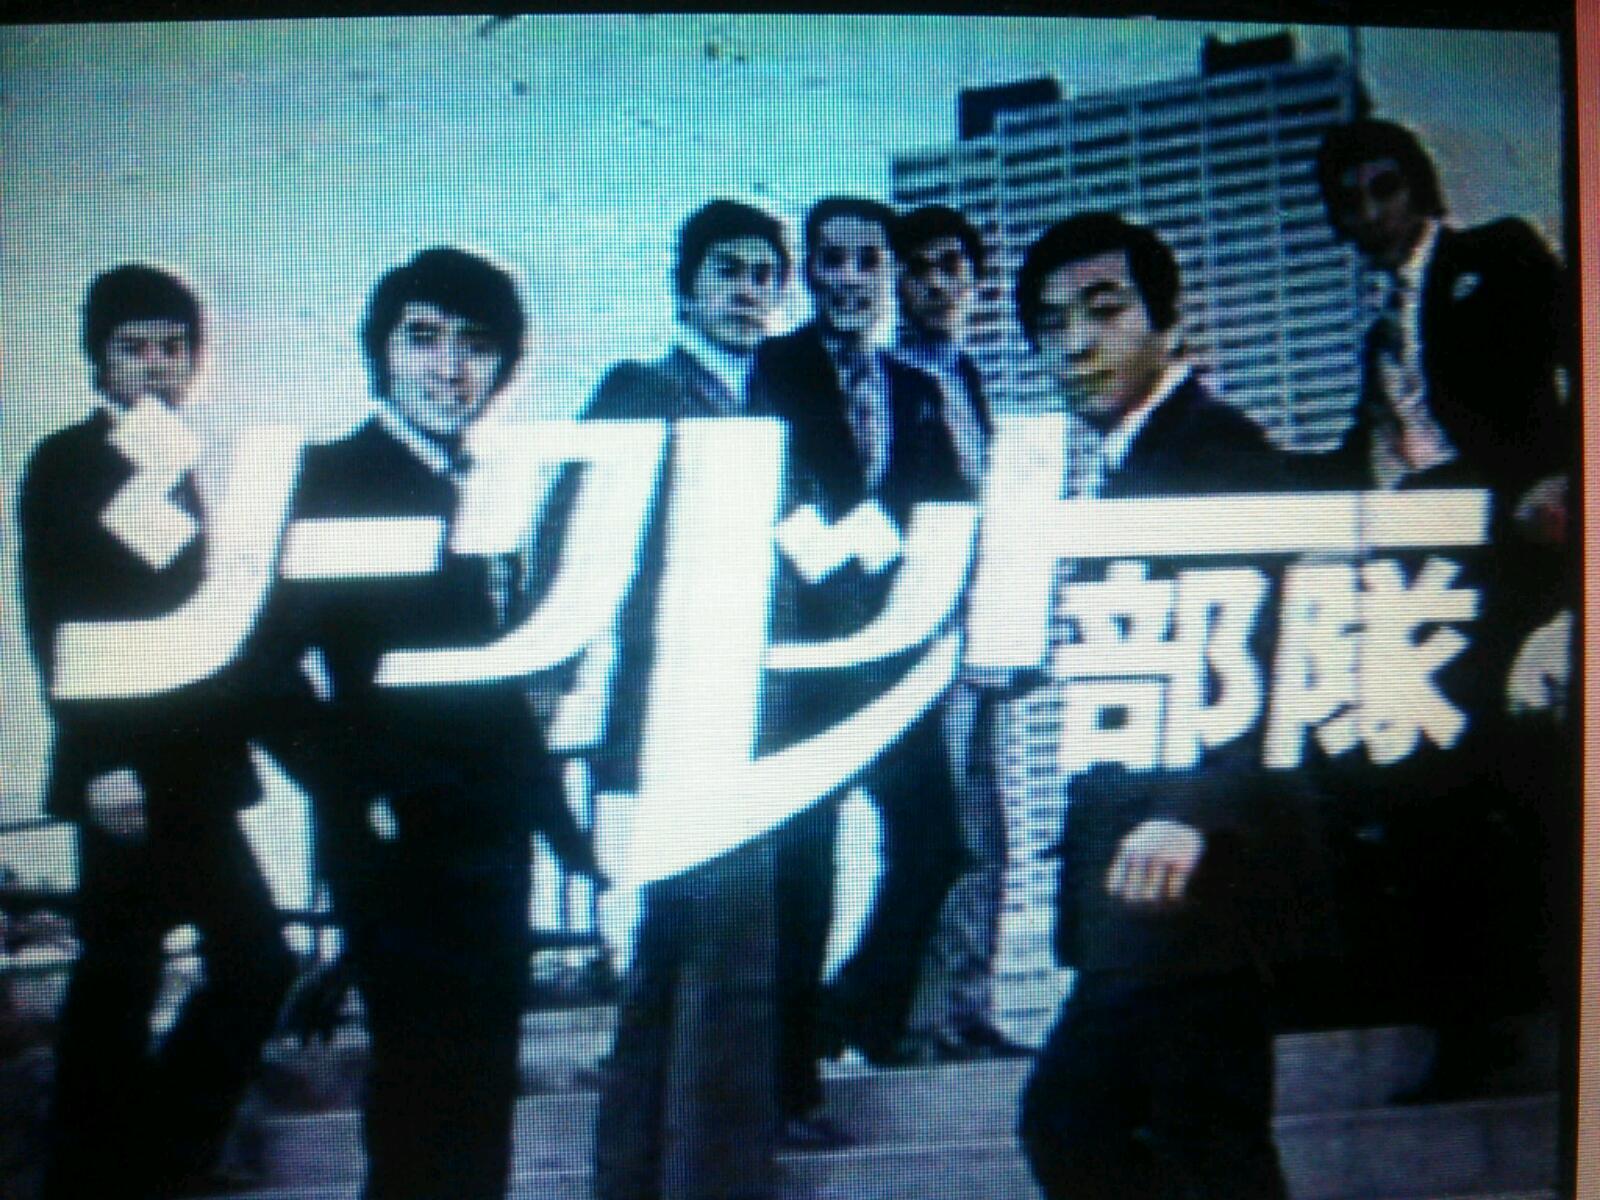 シークレット部隊」~FUN FAN TV...